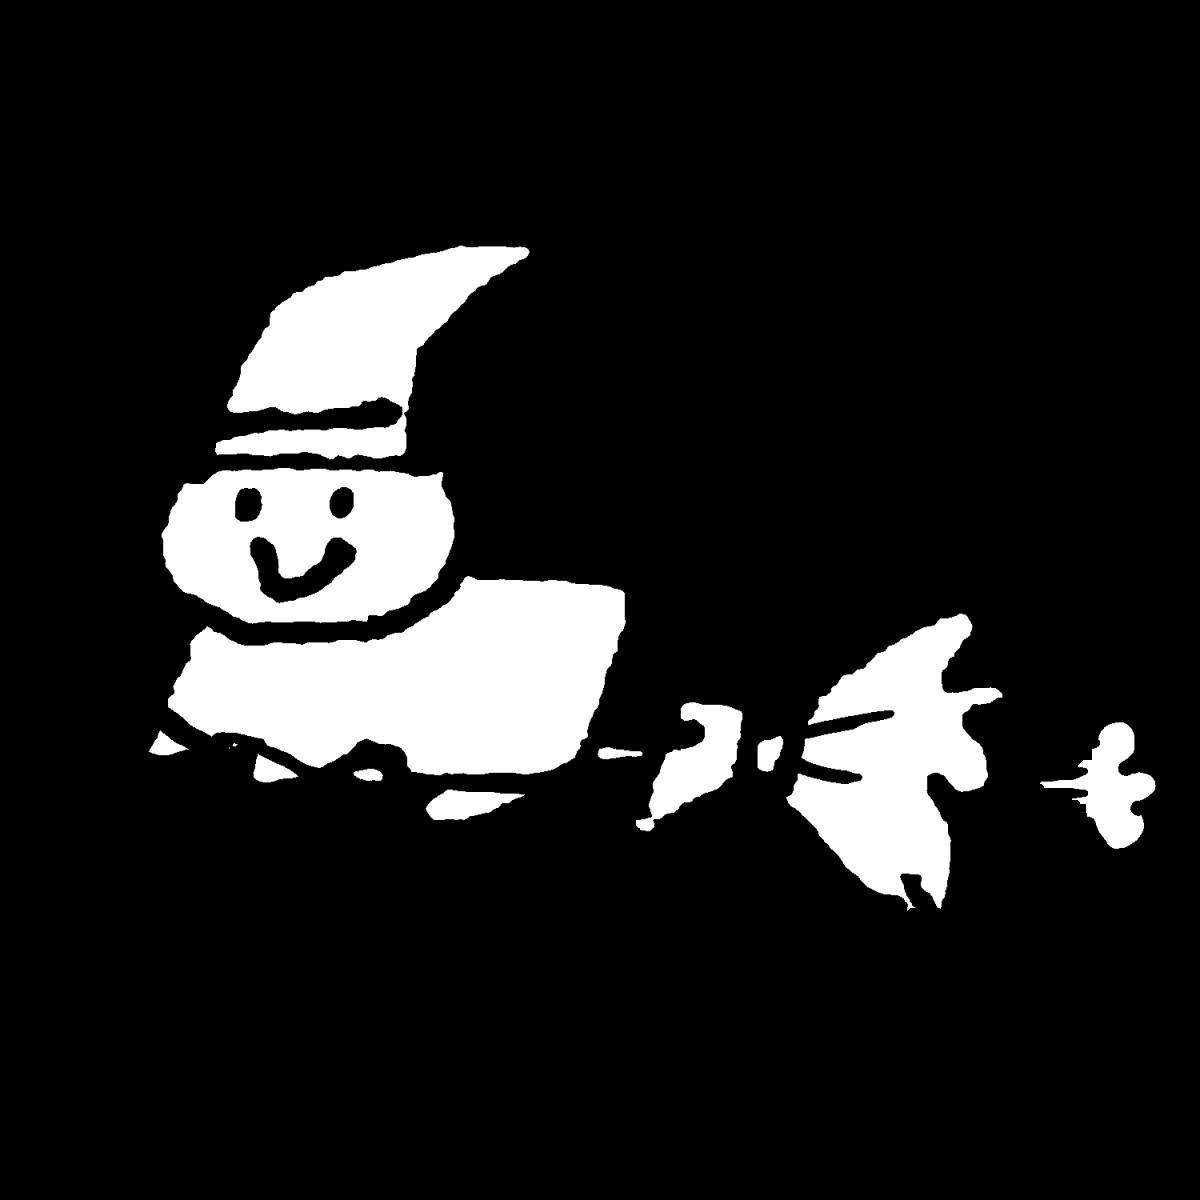 ほうきで飛ぶ魔法使いのイラスト / Wizard flying with broom Illustration